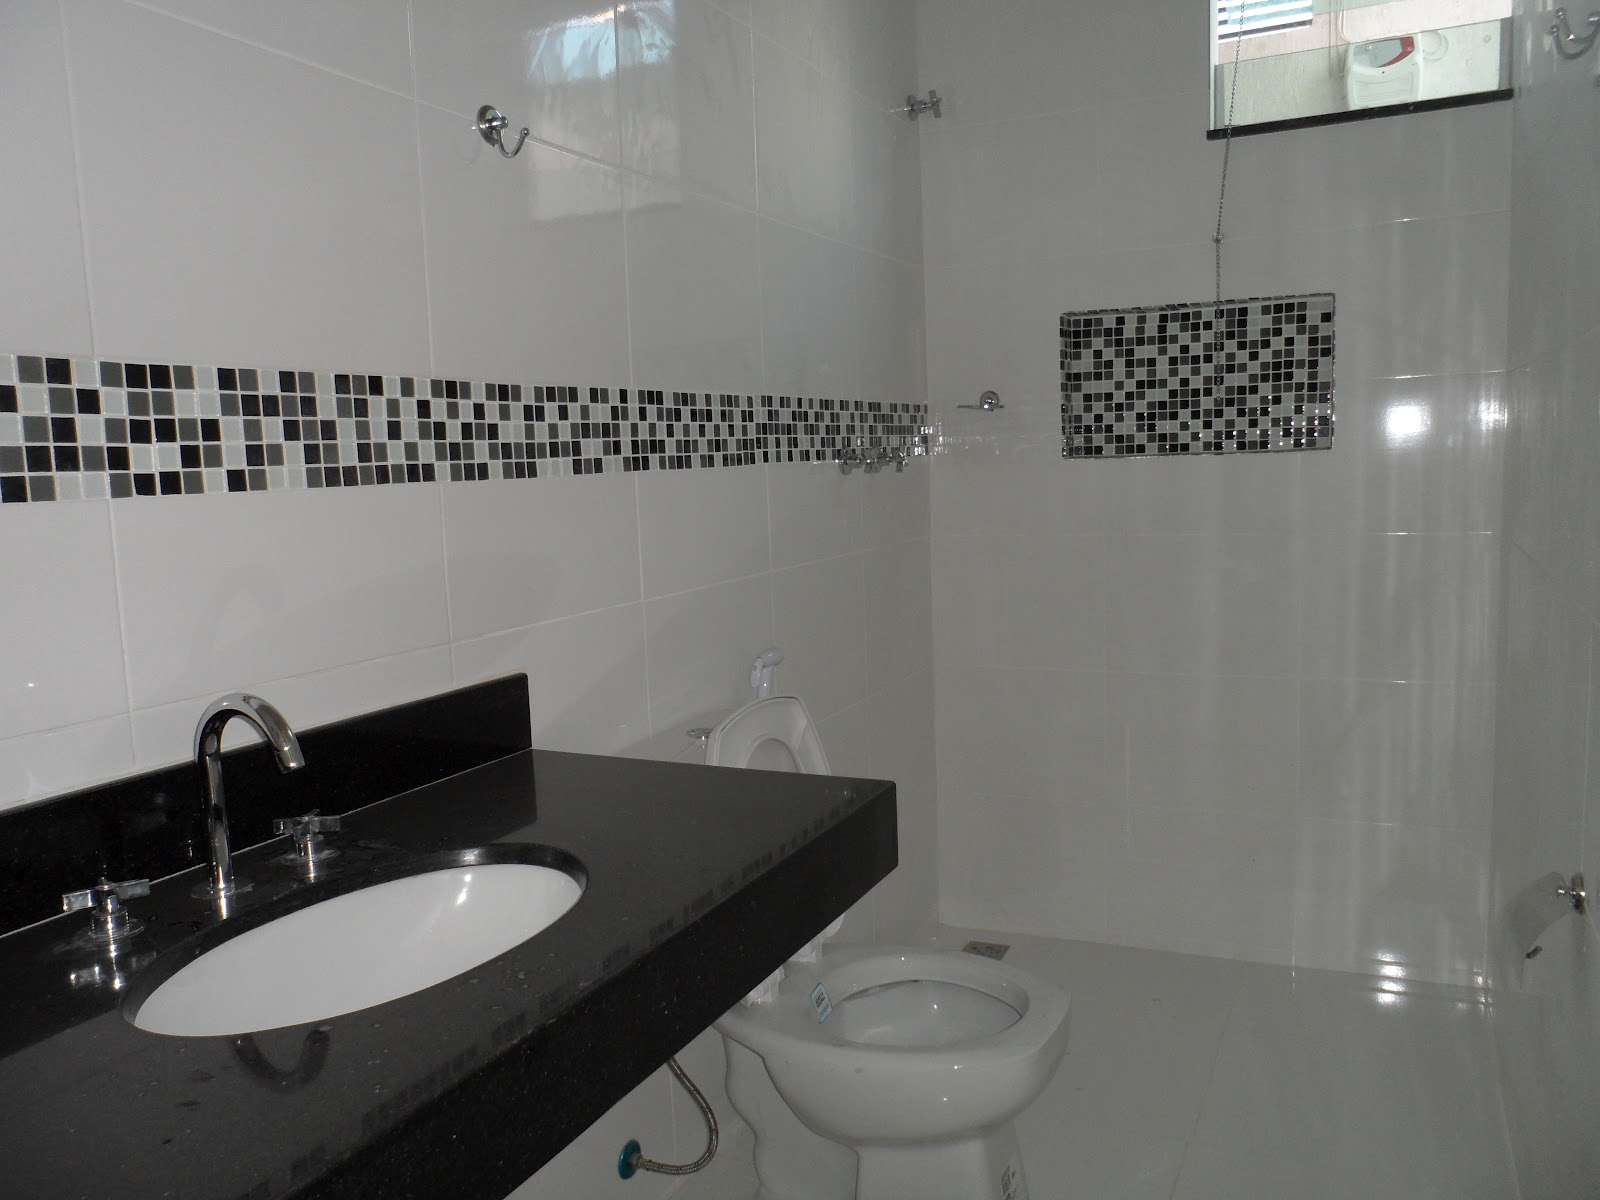 DIÁRIO DE CONSTRUÇÃO DE UMA CASA PEQUENA: Setembro 2012 #596B72 1600x1200 Banheiro Com Blindex Preto